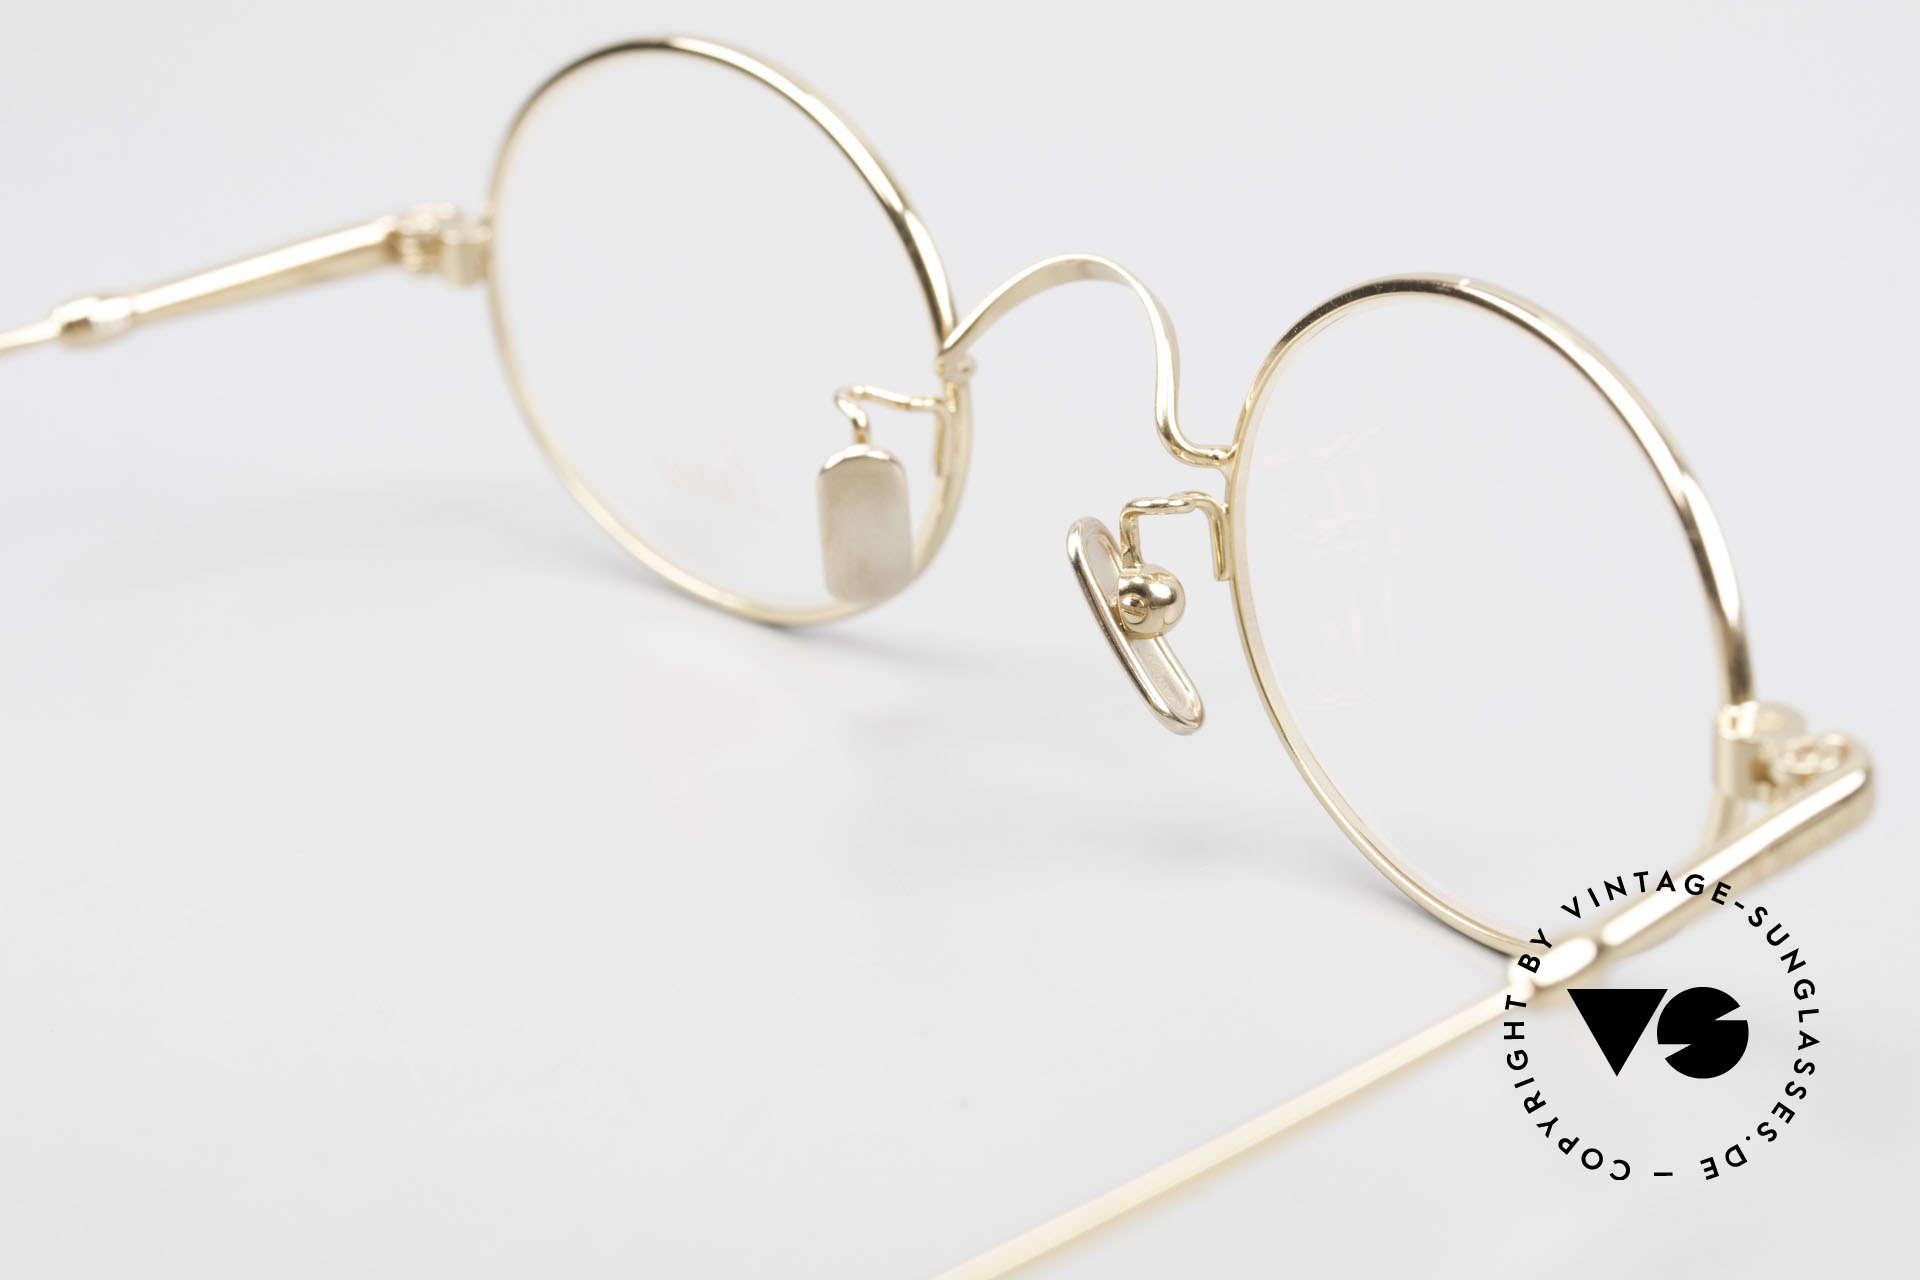 Lunor V 100 Ovale Brille 22kt Vergoldet, natürlich ungetragen und mit den Titan-Nasenpads, Passend für Herren und Damen